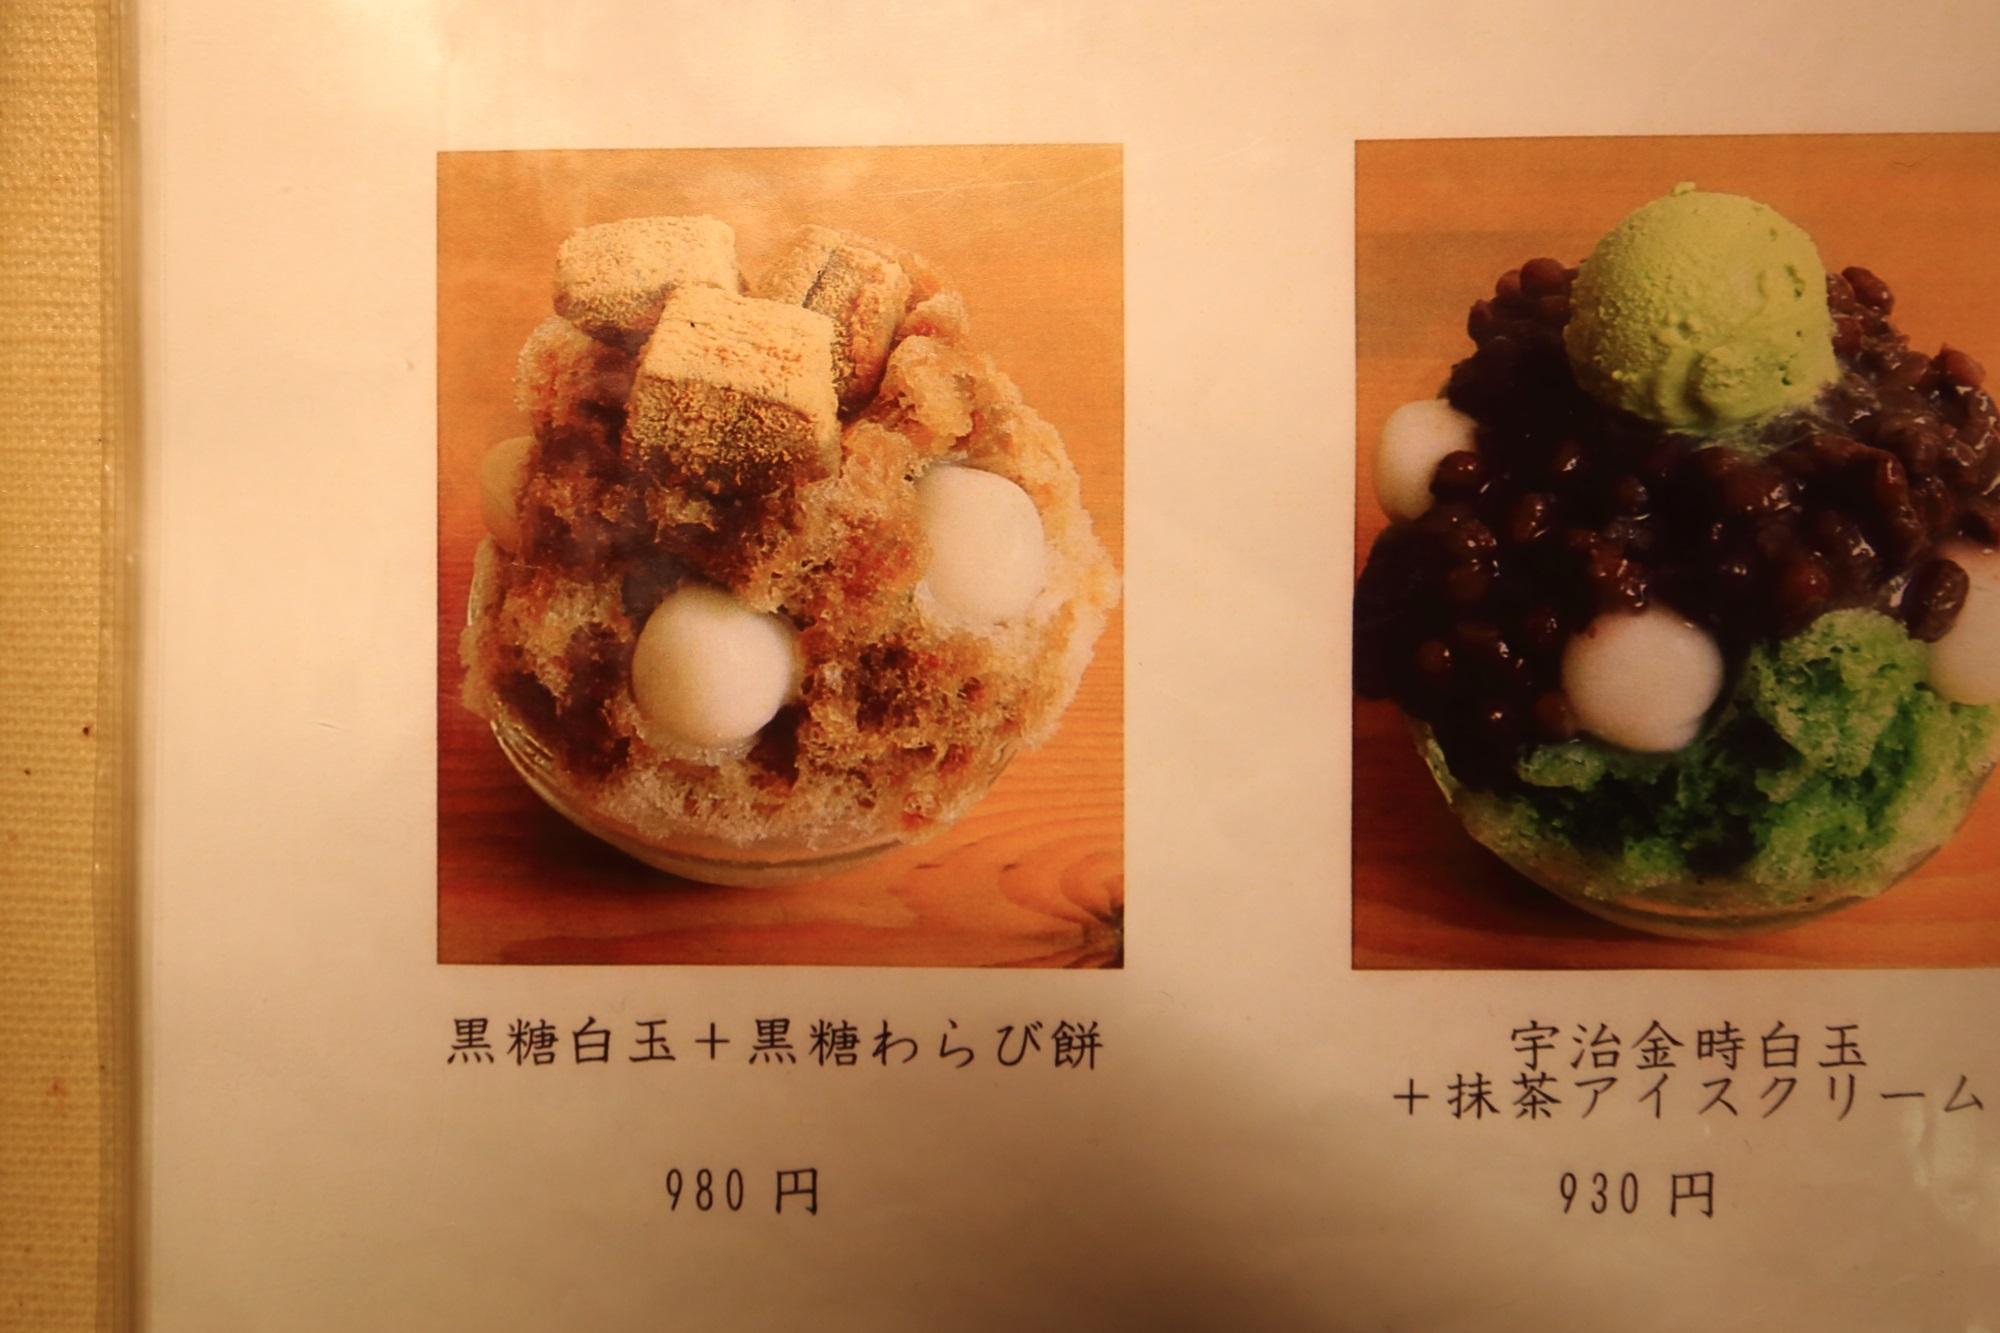 甘党茶屋梅園河原町店のかき氷(黒糖白玉+黒糖わらび餅)(税込980円)